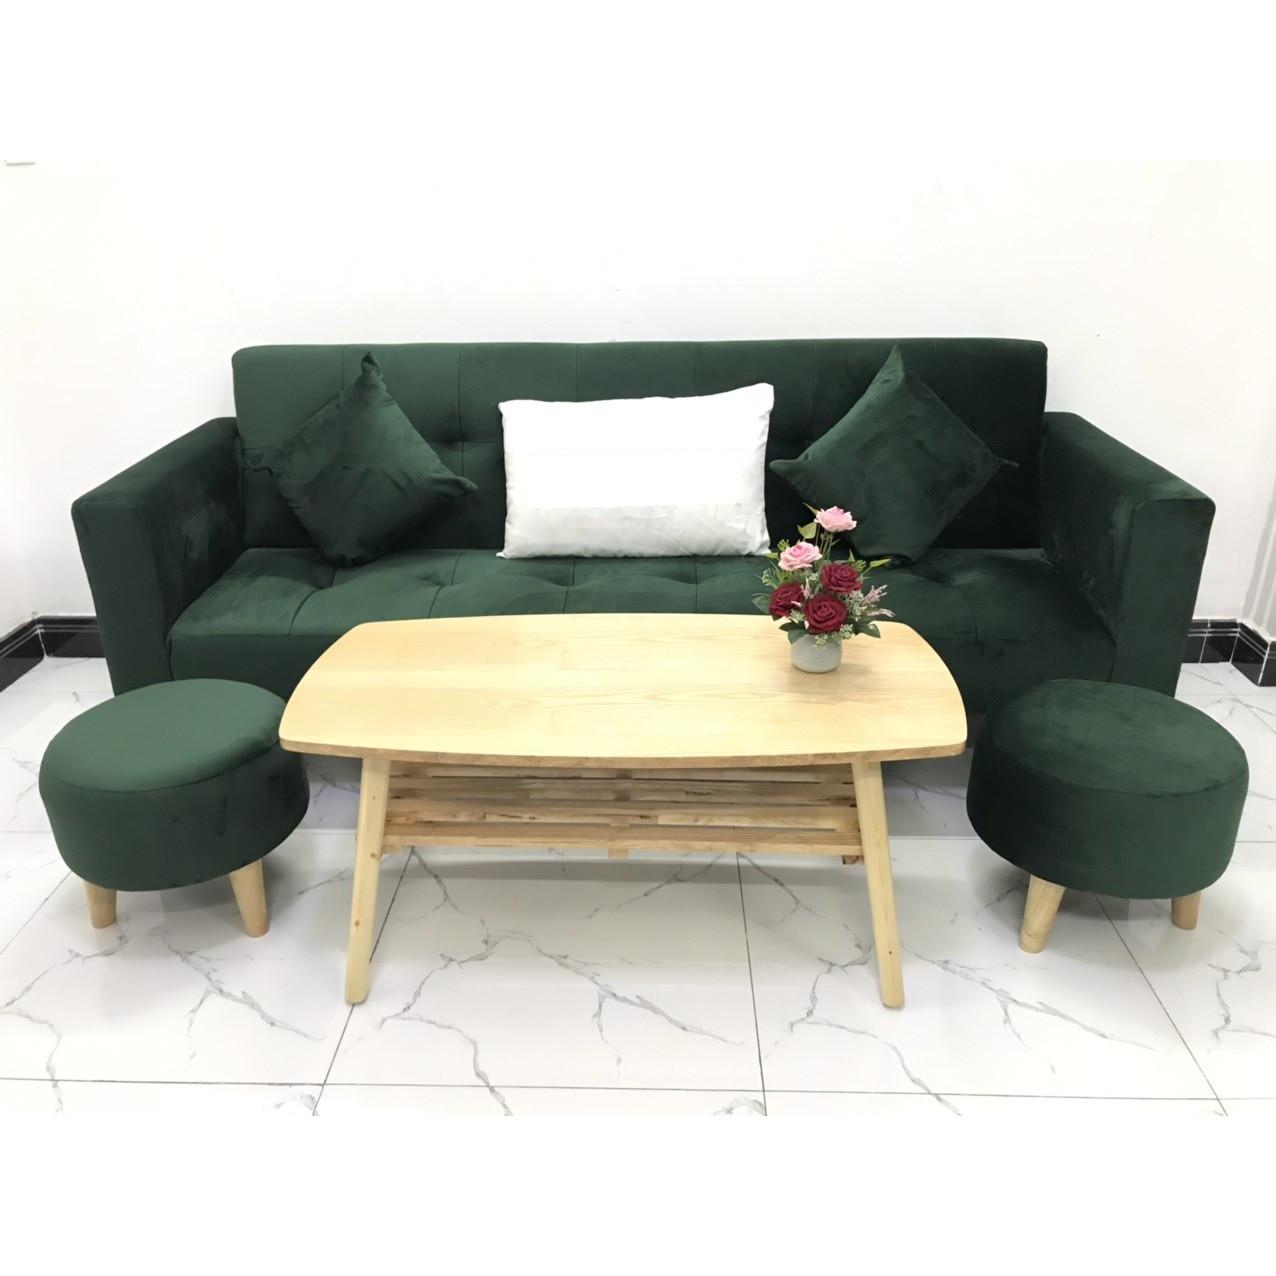 Bộ ghế sofa giường 2mx90 sofa bed tay vịn phòng khách salon linco14